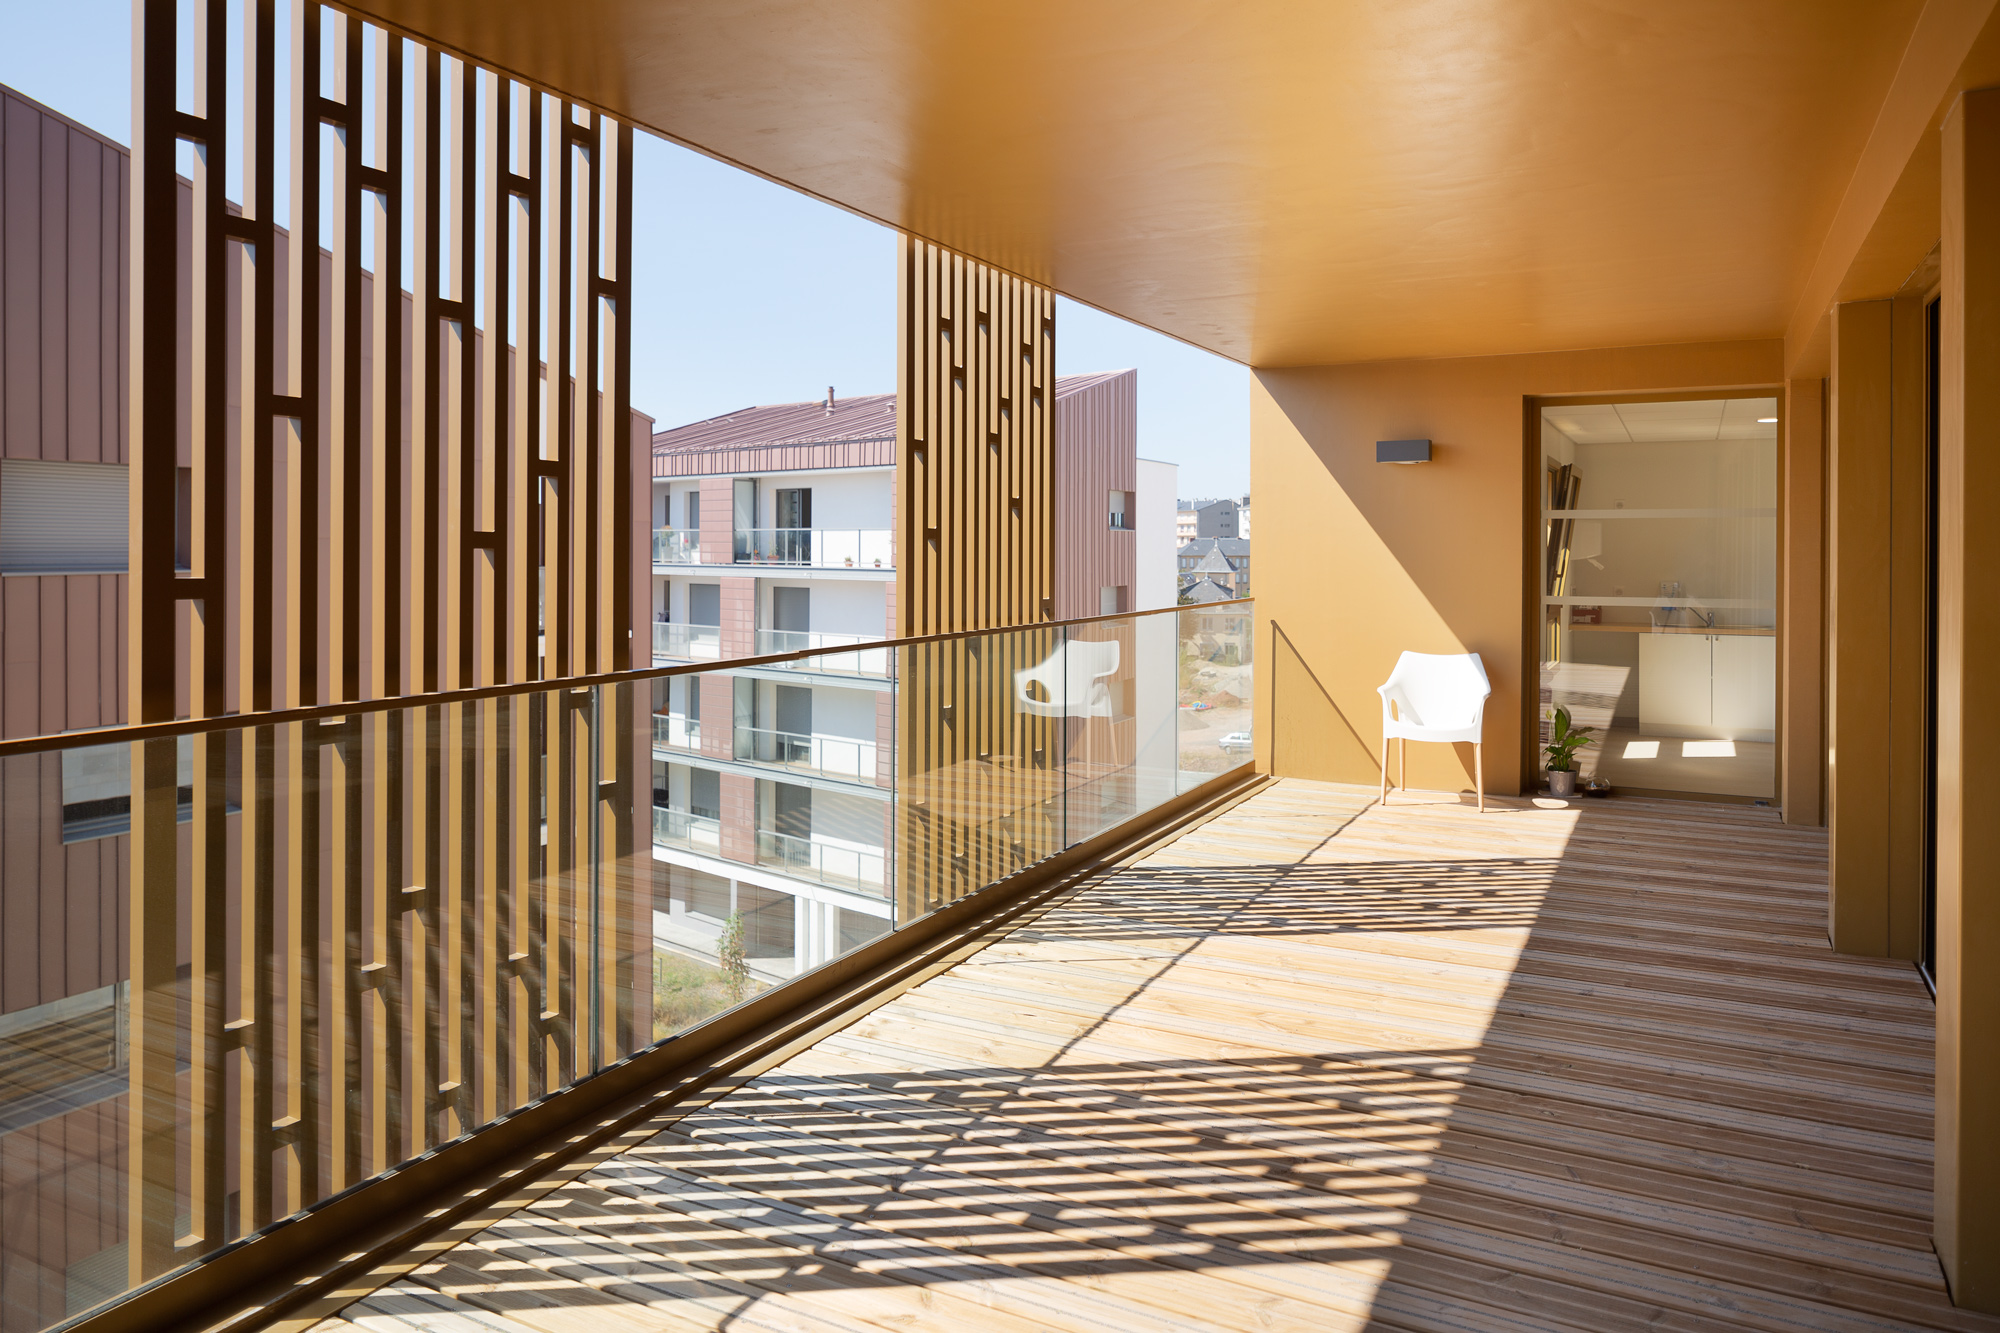 EHPAD Combarel - Rodez - Architecture Environnement mandataire / Bédrune Architectes associé